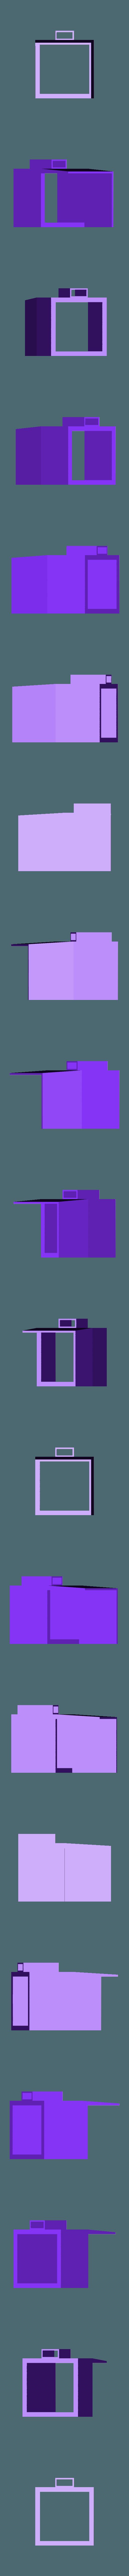 caliper_lack_screwless_stacker.stl Télécharger fichier STL gratuit ikea manque de support d'étrier d'empileur sans vis • Plan pour imprimante 3D, Punisher_4u